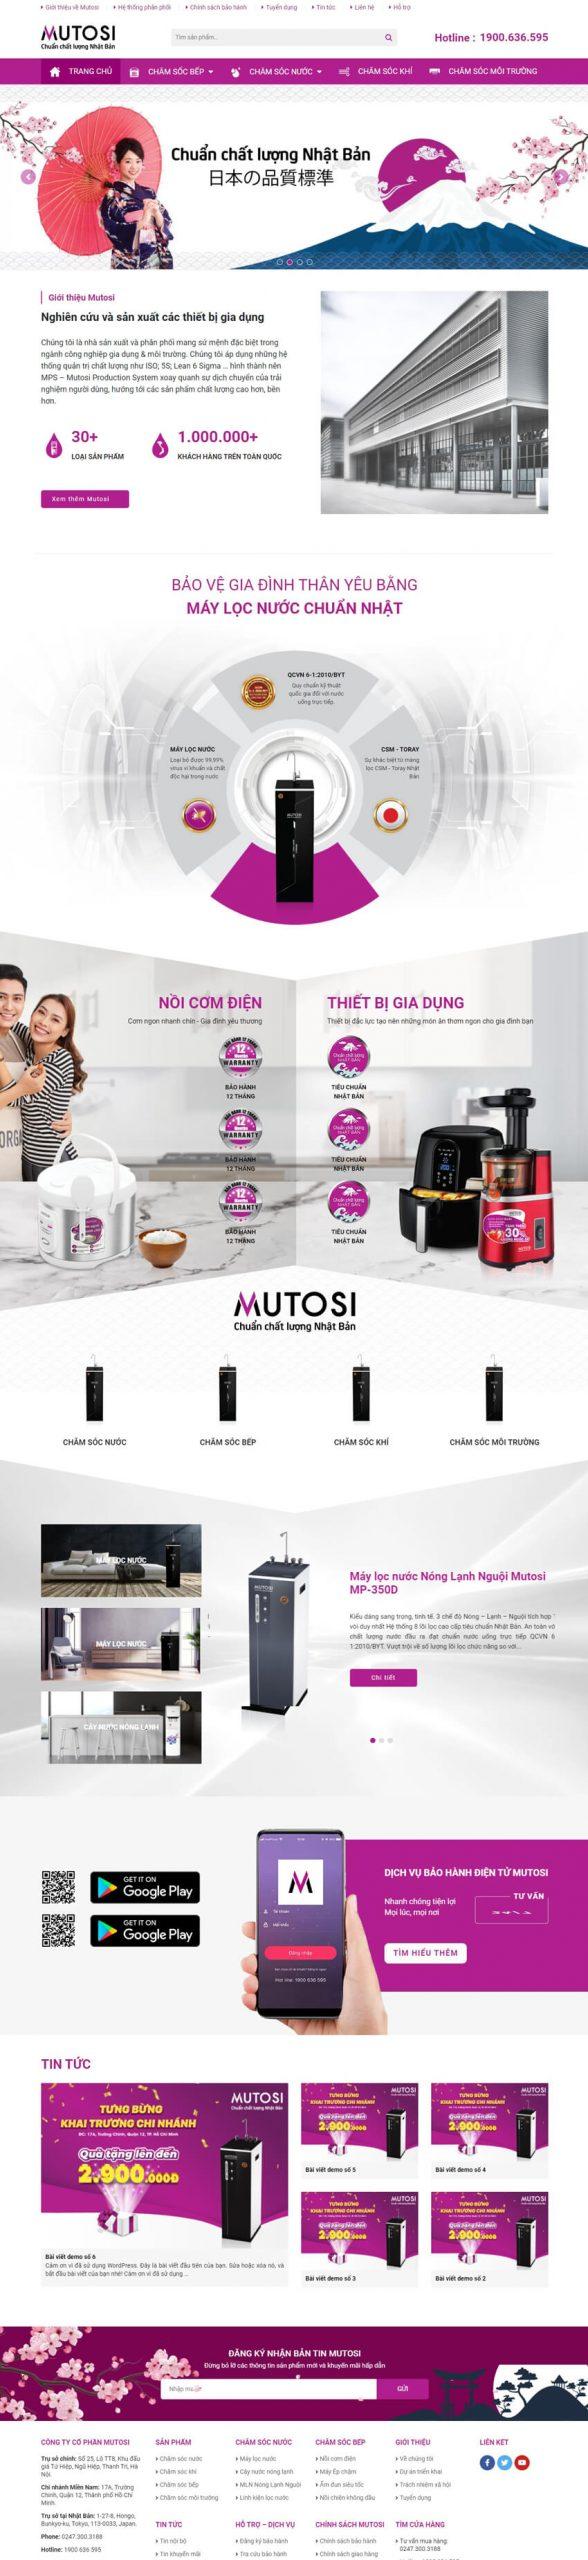 Web máy lọc nước Khôi Nguyên